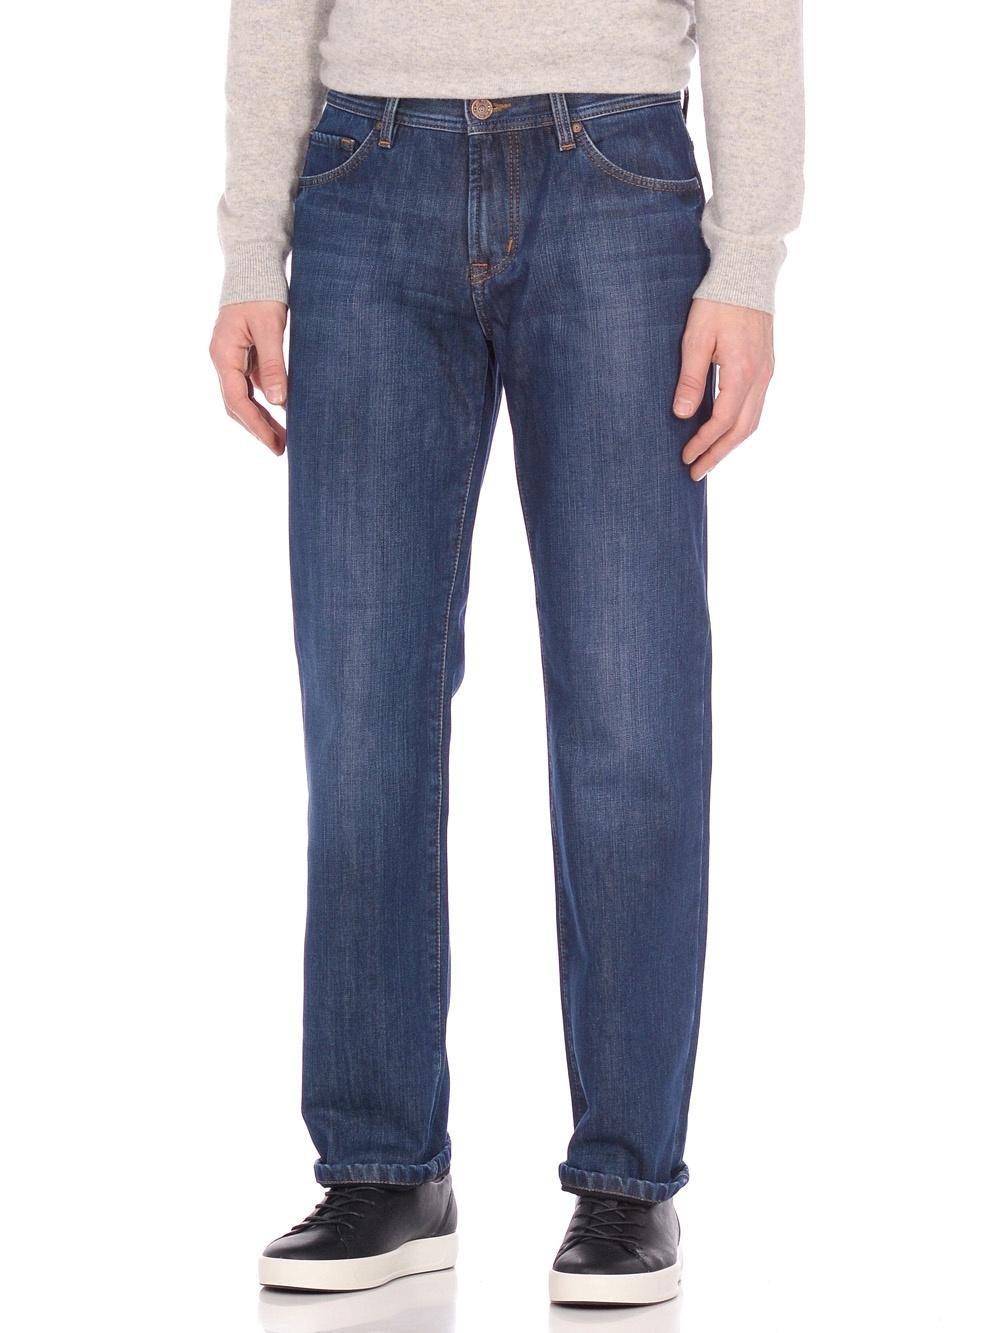 Джинсы DAIROS джинсы мужские oodji цвет голубой джинс 6b120059m 45806 7000w размер 29 34 46 34